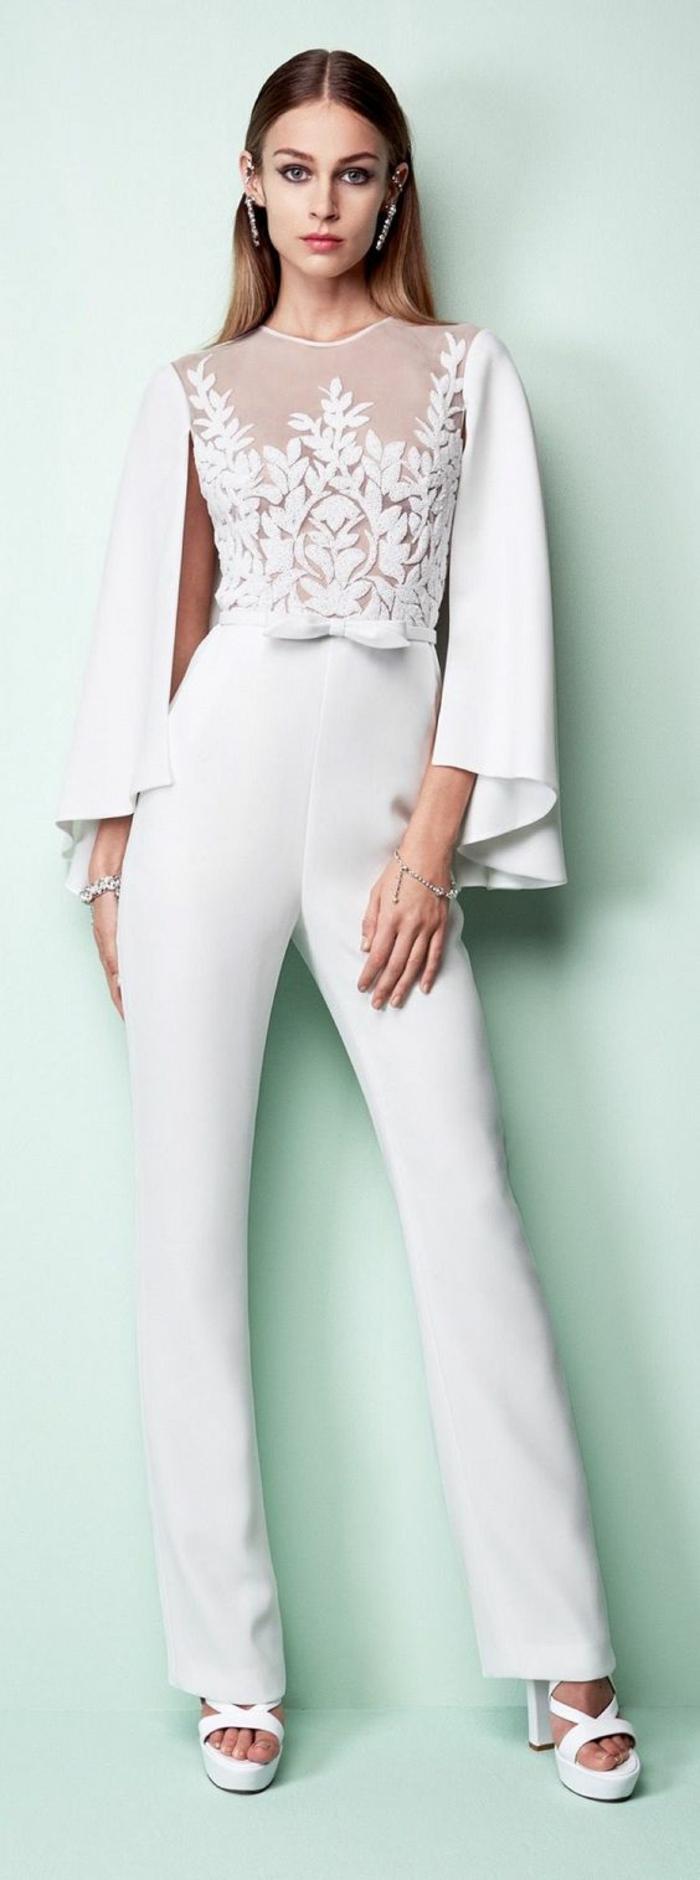 pantalon tailleur taille haute en blanc, blouse aux manches larges évasées, chaussures blanches talons hauts épais stables, blouse en tulle blanc avec des broderies de fleurs blanches